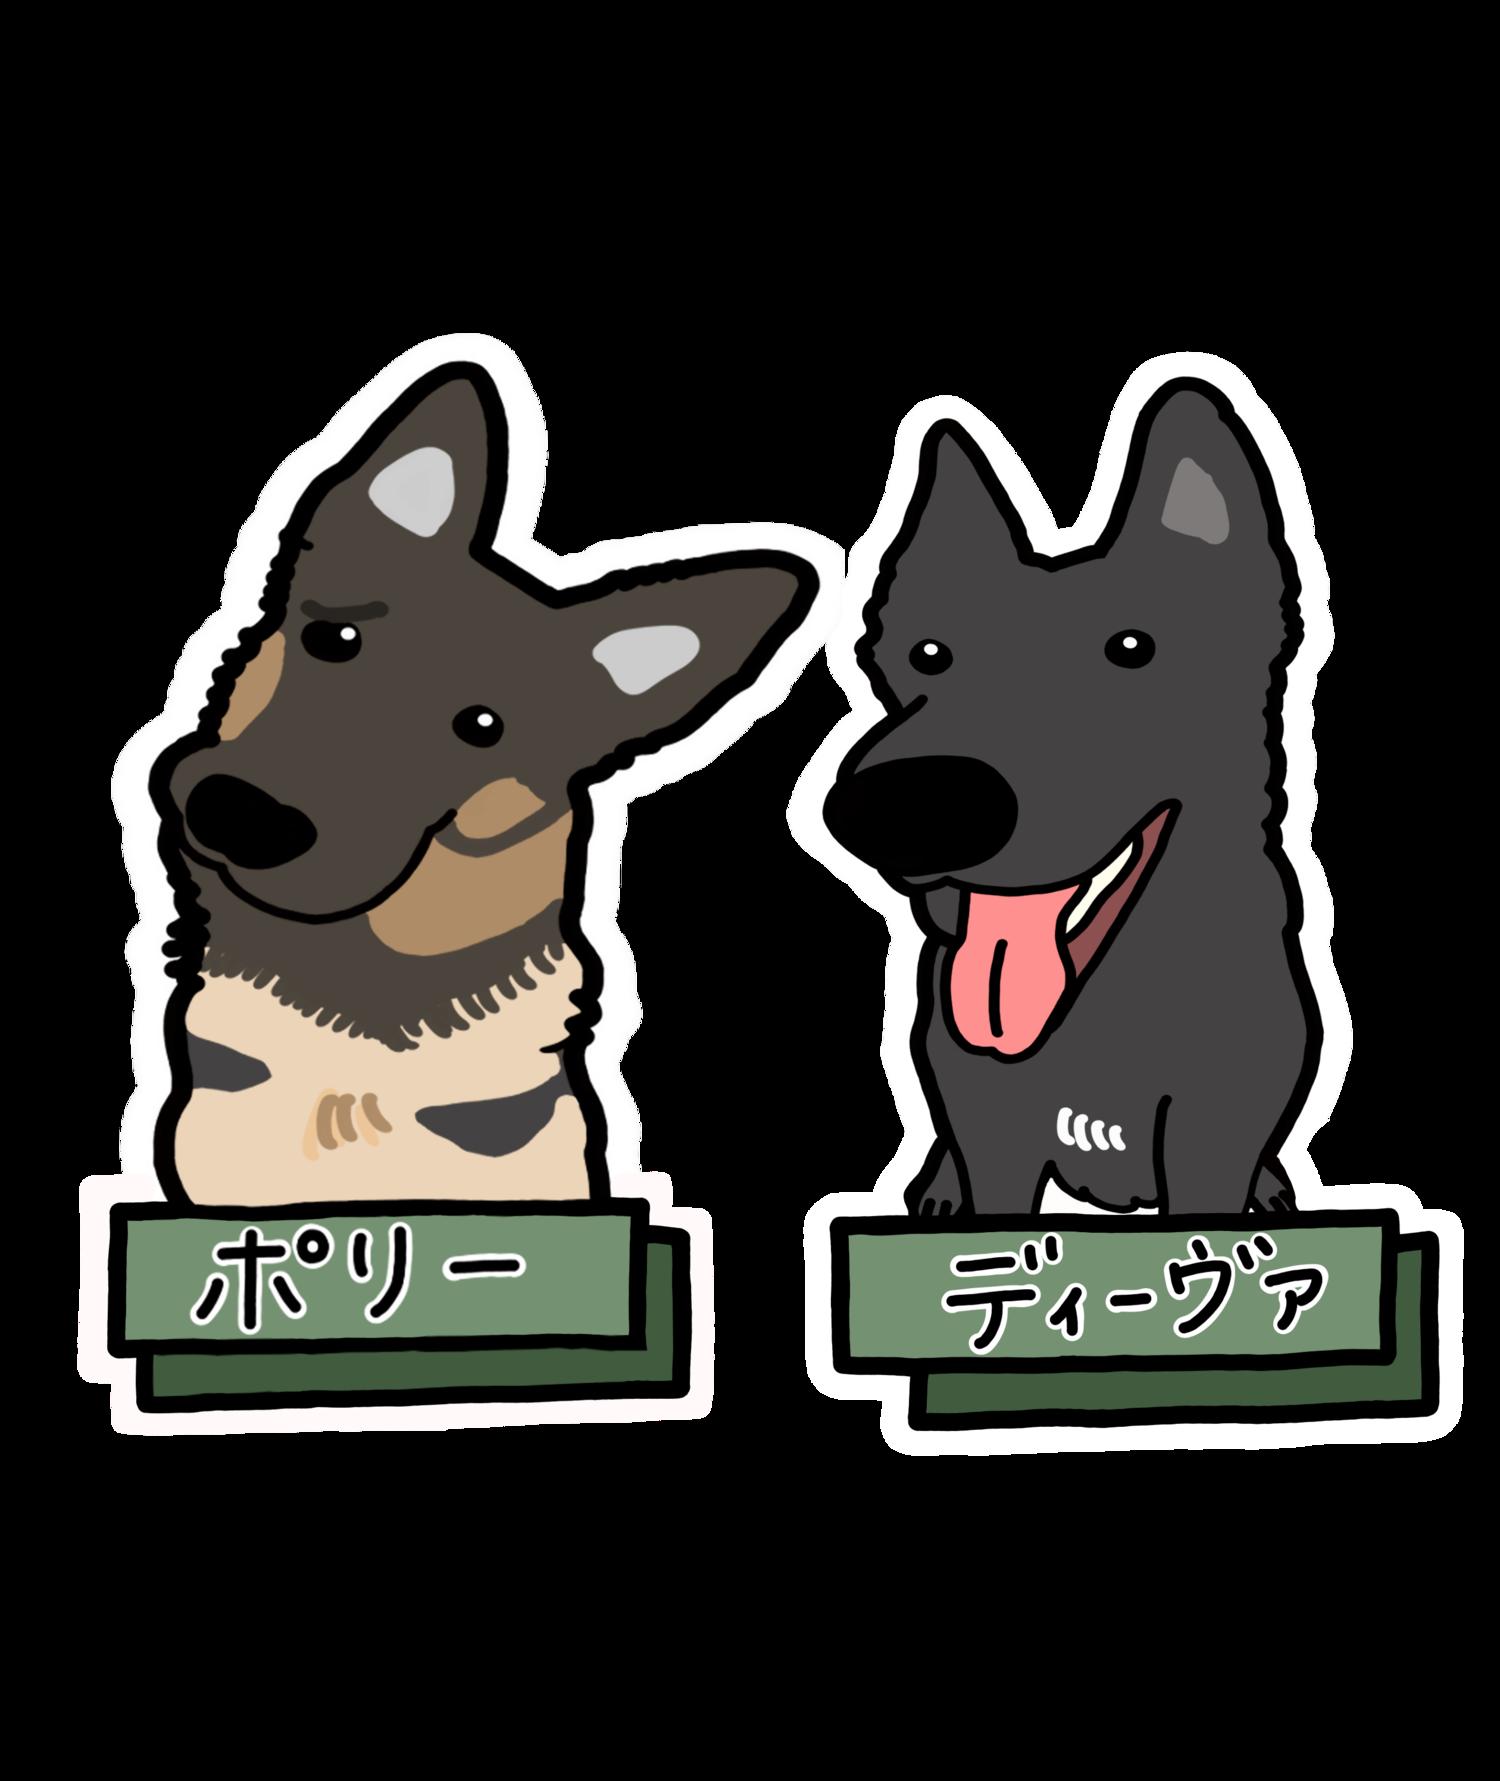 うちの子1番☆〜ポリーちゃん&ディーヴァちゃん〜